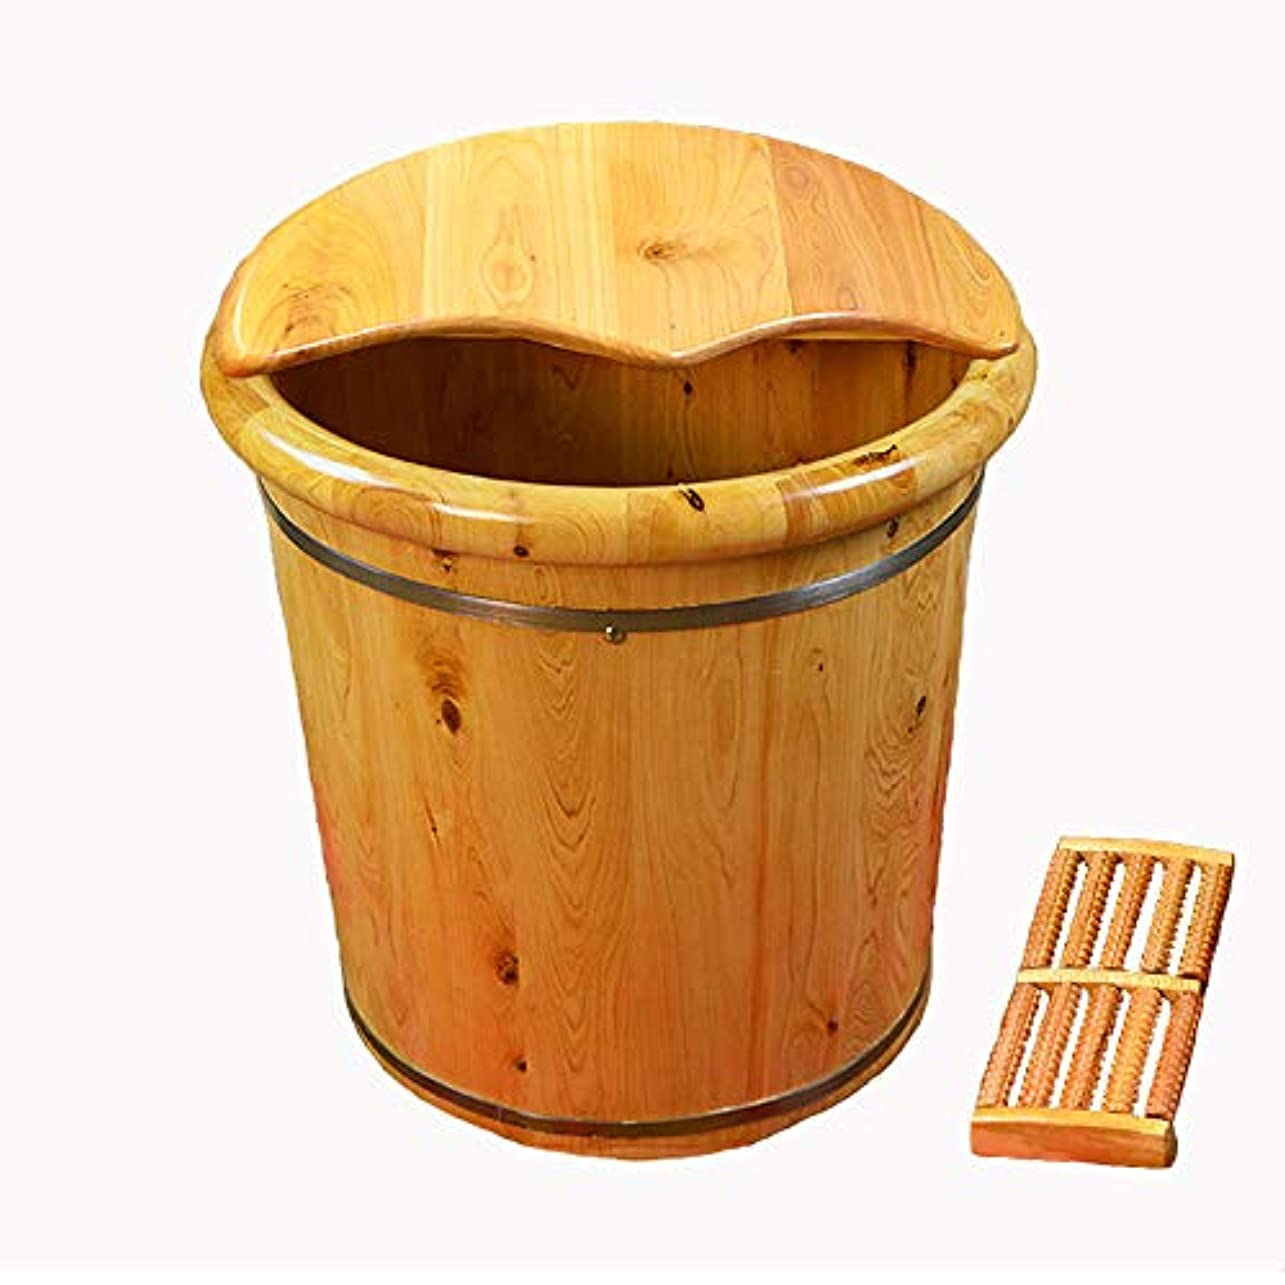 ヘッジ降伏酒足浴桶 足の浴槽、木製の足の盆地足のバレルの足の足のマッサージの足の盆カバーの足の桶